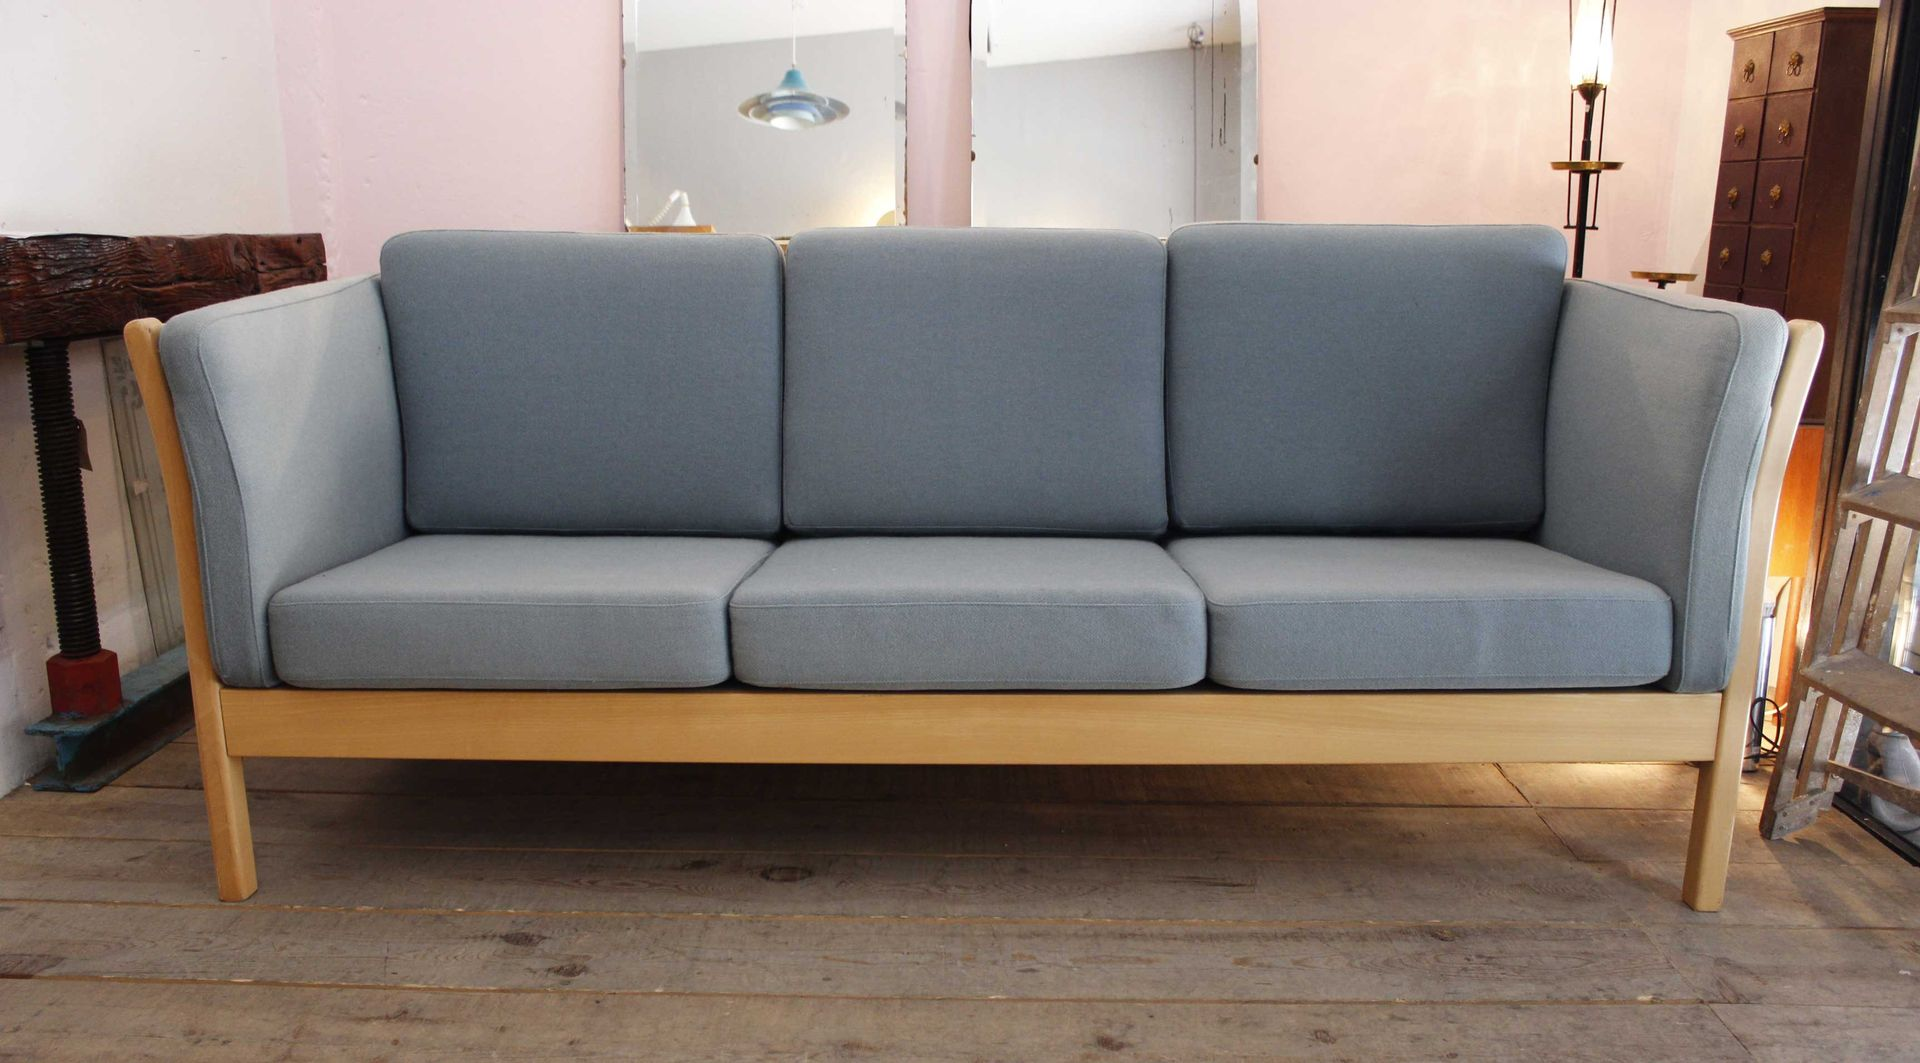 drei sitzer sofa von mogens hansen 1970er bei pamono kaufen. Black Bedroom Furniture Sets. Home Design Ideas